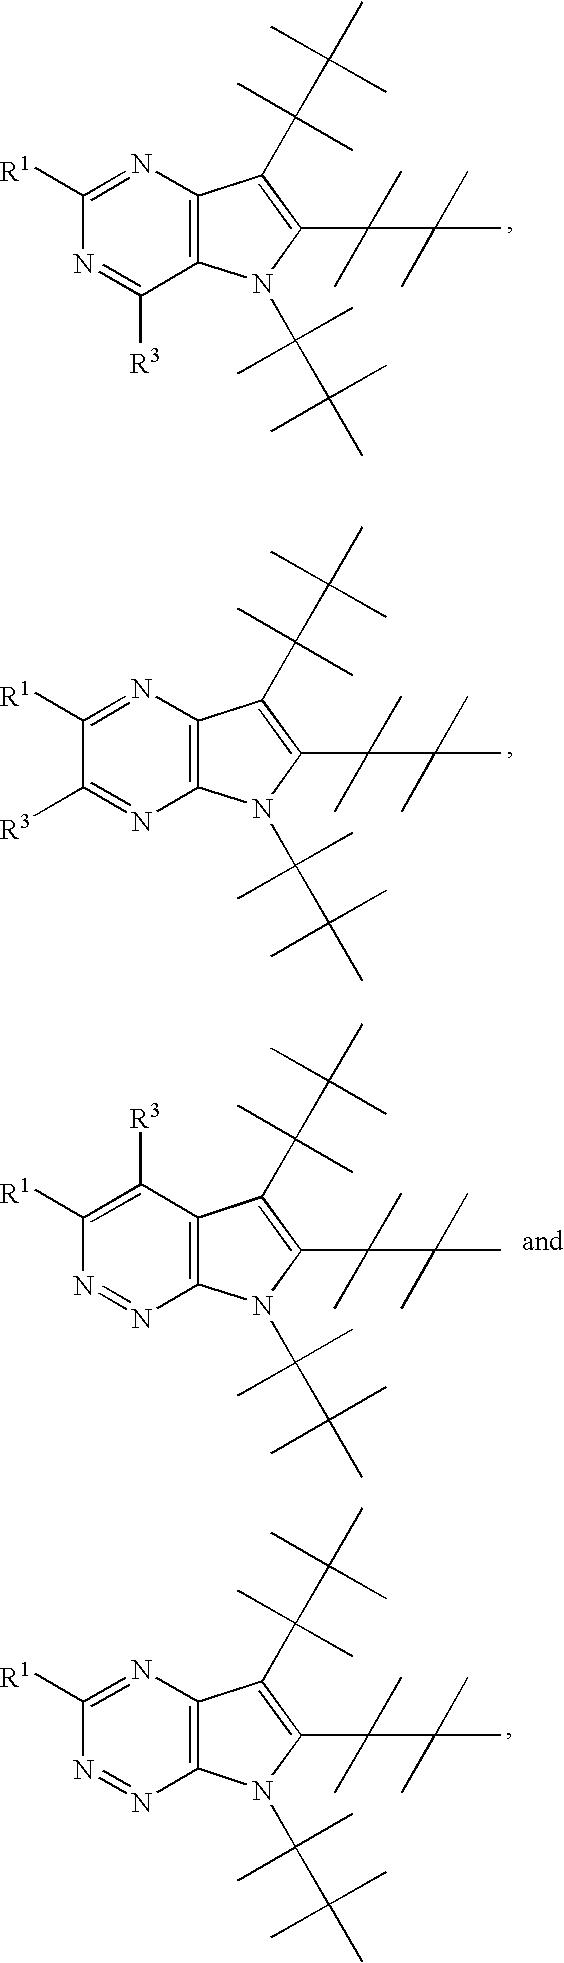 Figure US20070049593A1-20070301-C00029